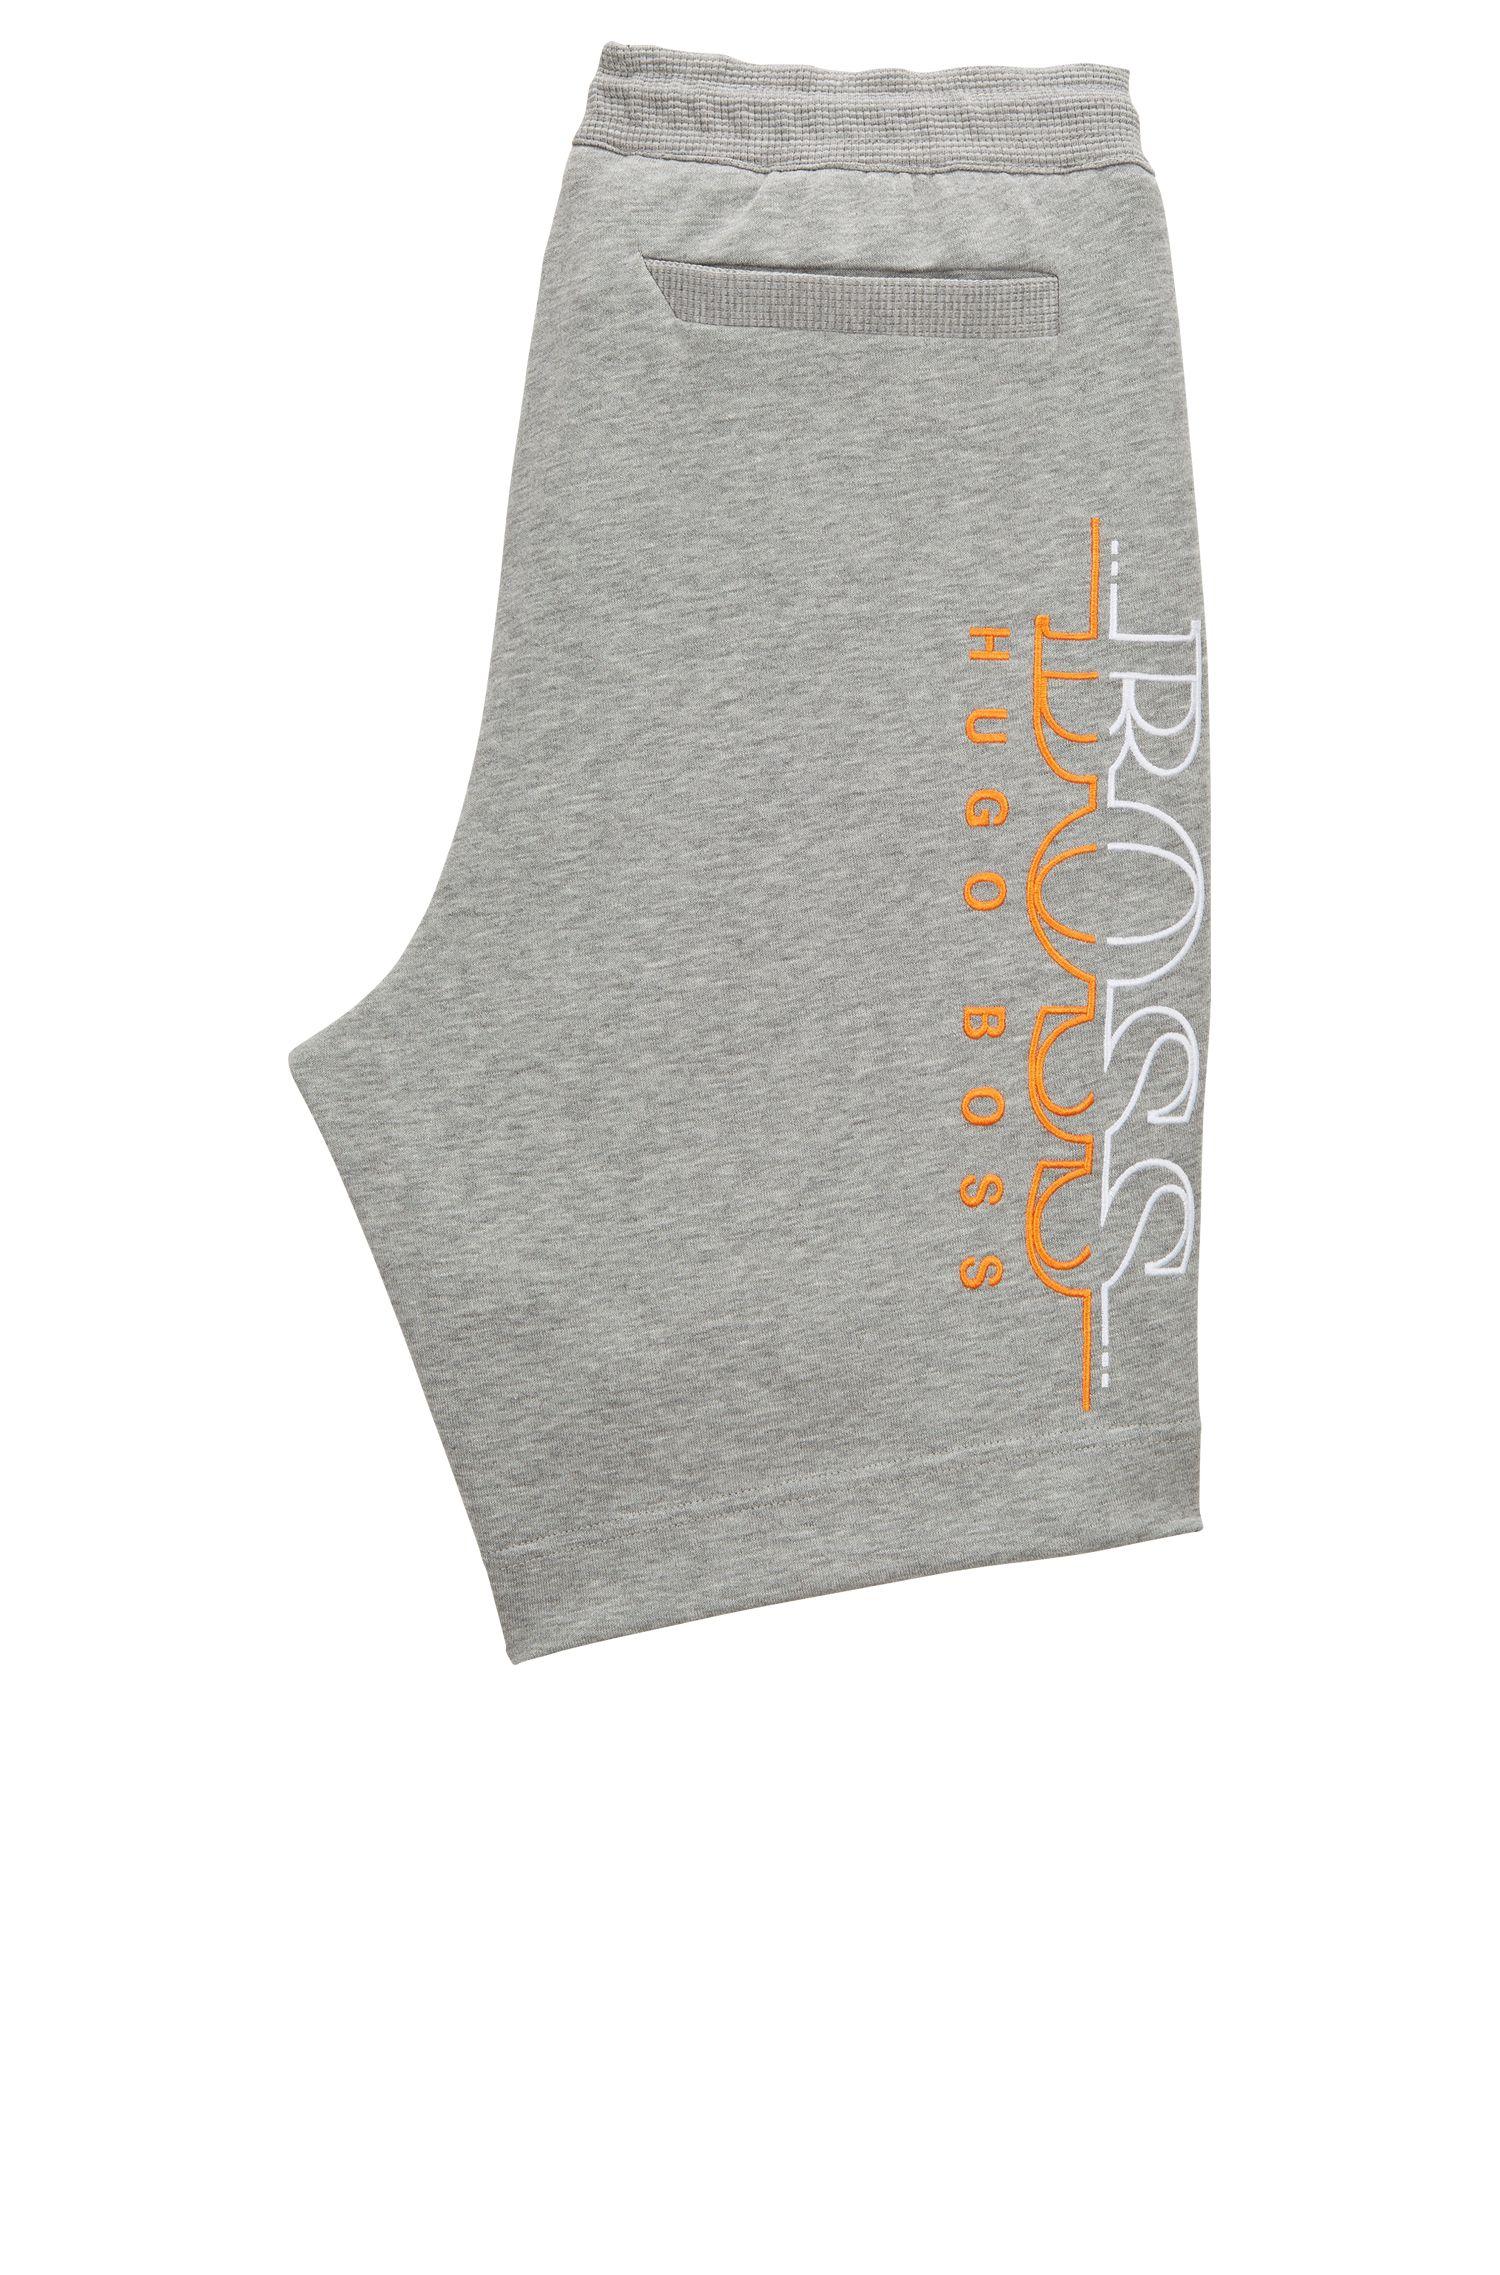 Pantaloncini slim fit in misto cotone con logo bicolore ricamato